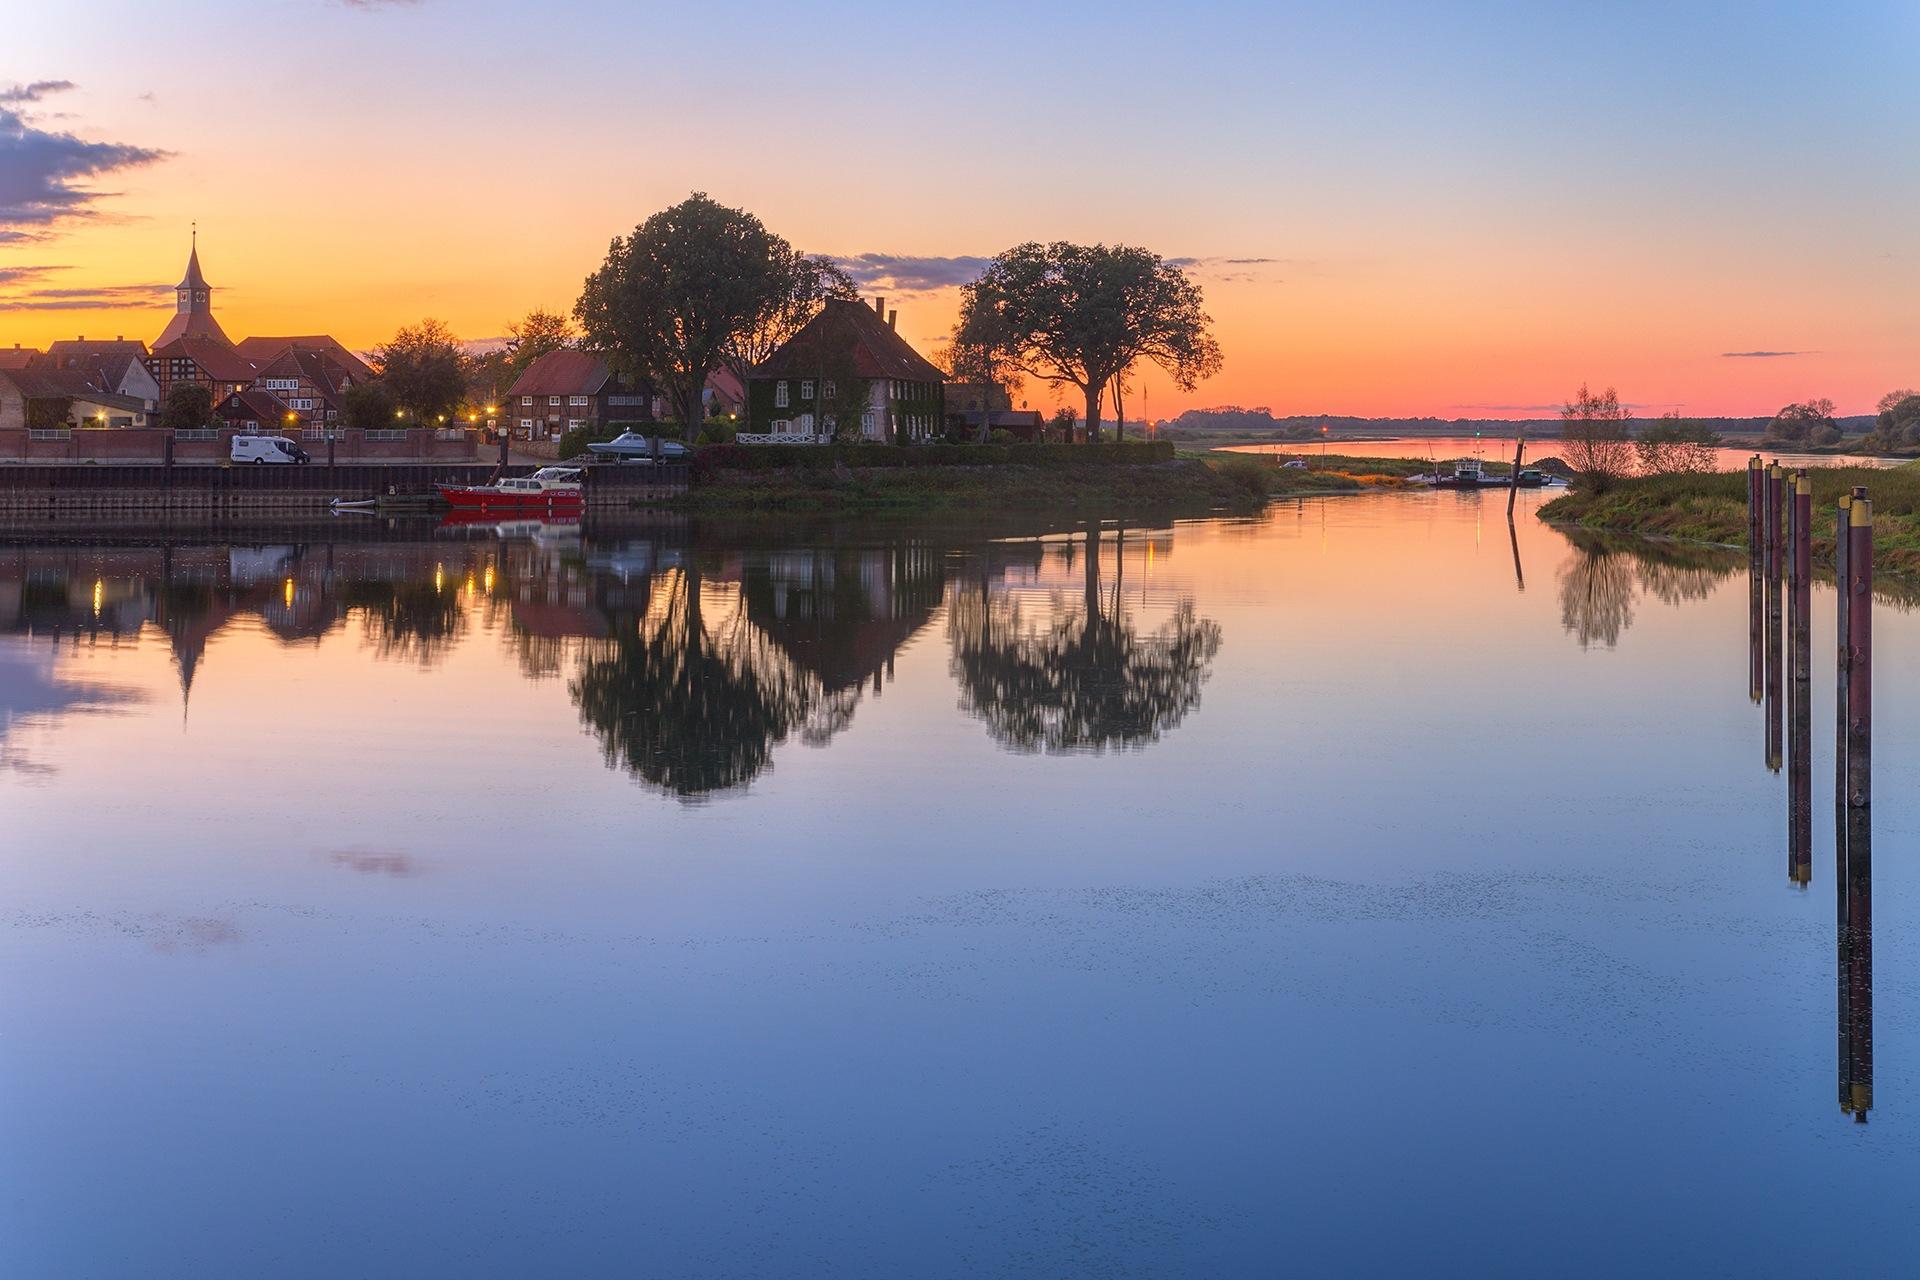 Blue hour in Schnackenburg by Maik Richter Photography